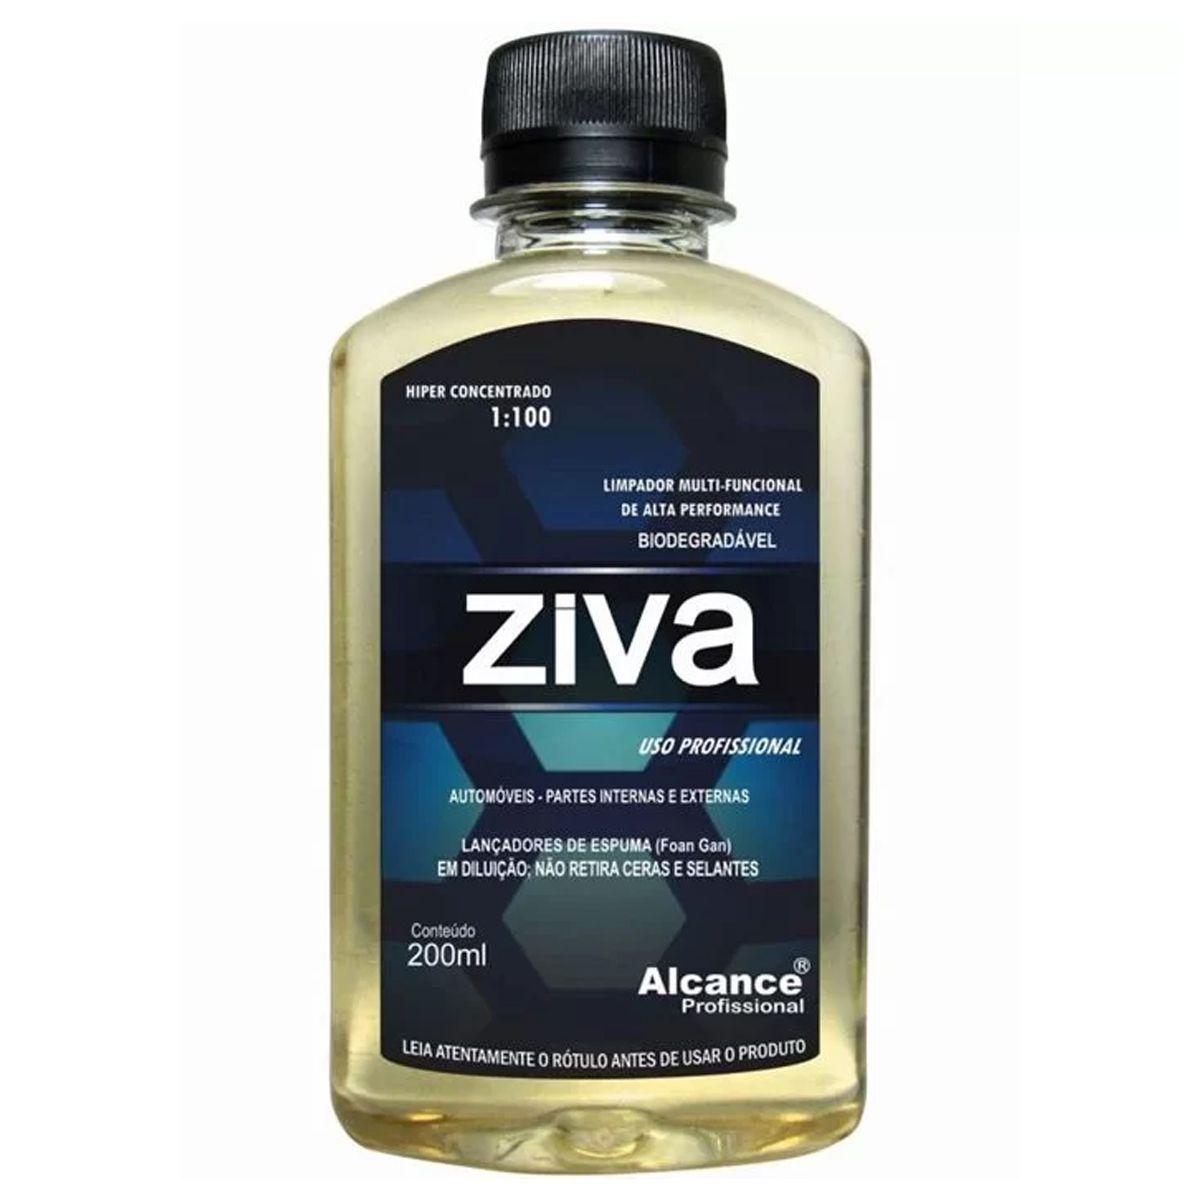 Limpador Multi-funcional 1-100 Ziva 200ml Alcance